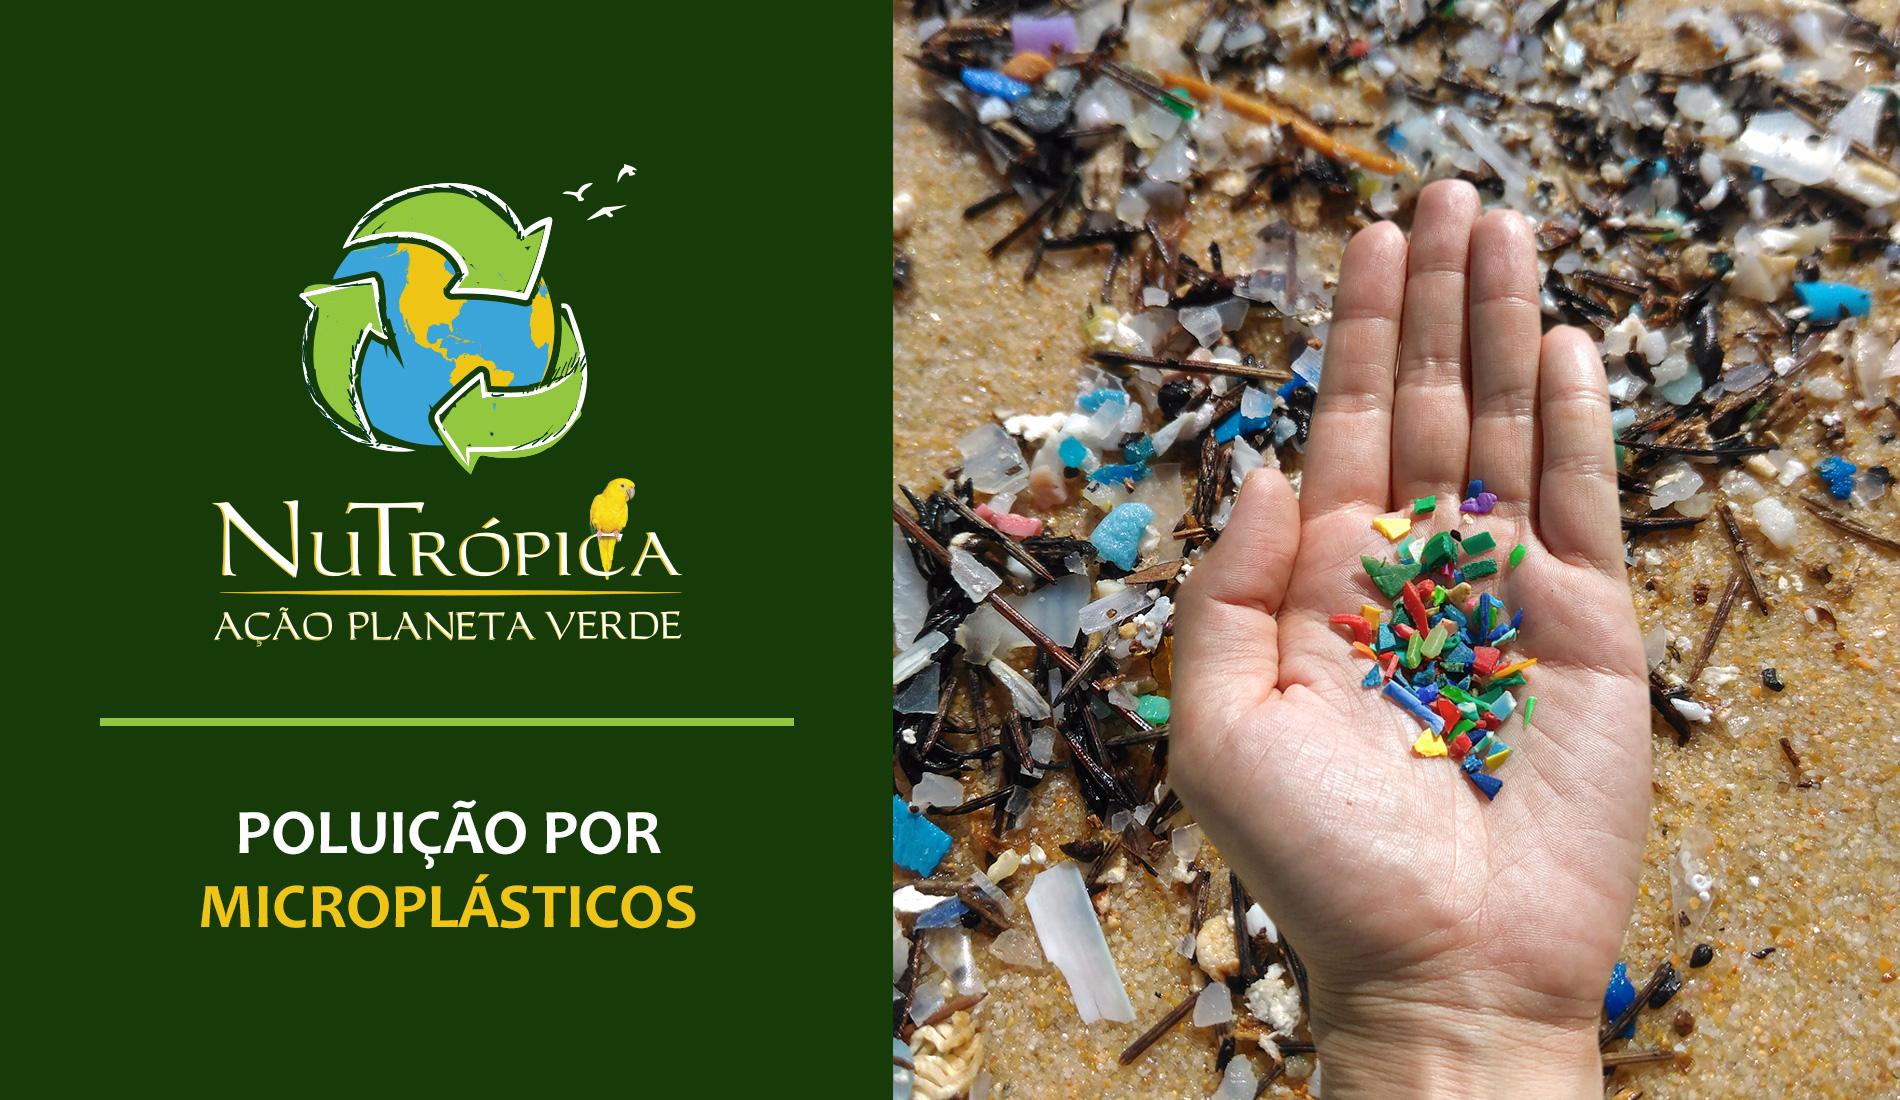 Ação Planeta Verde - Poluição causada através de Microplásticos